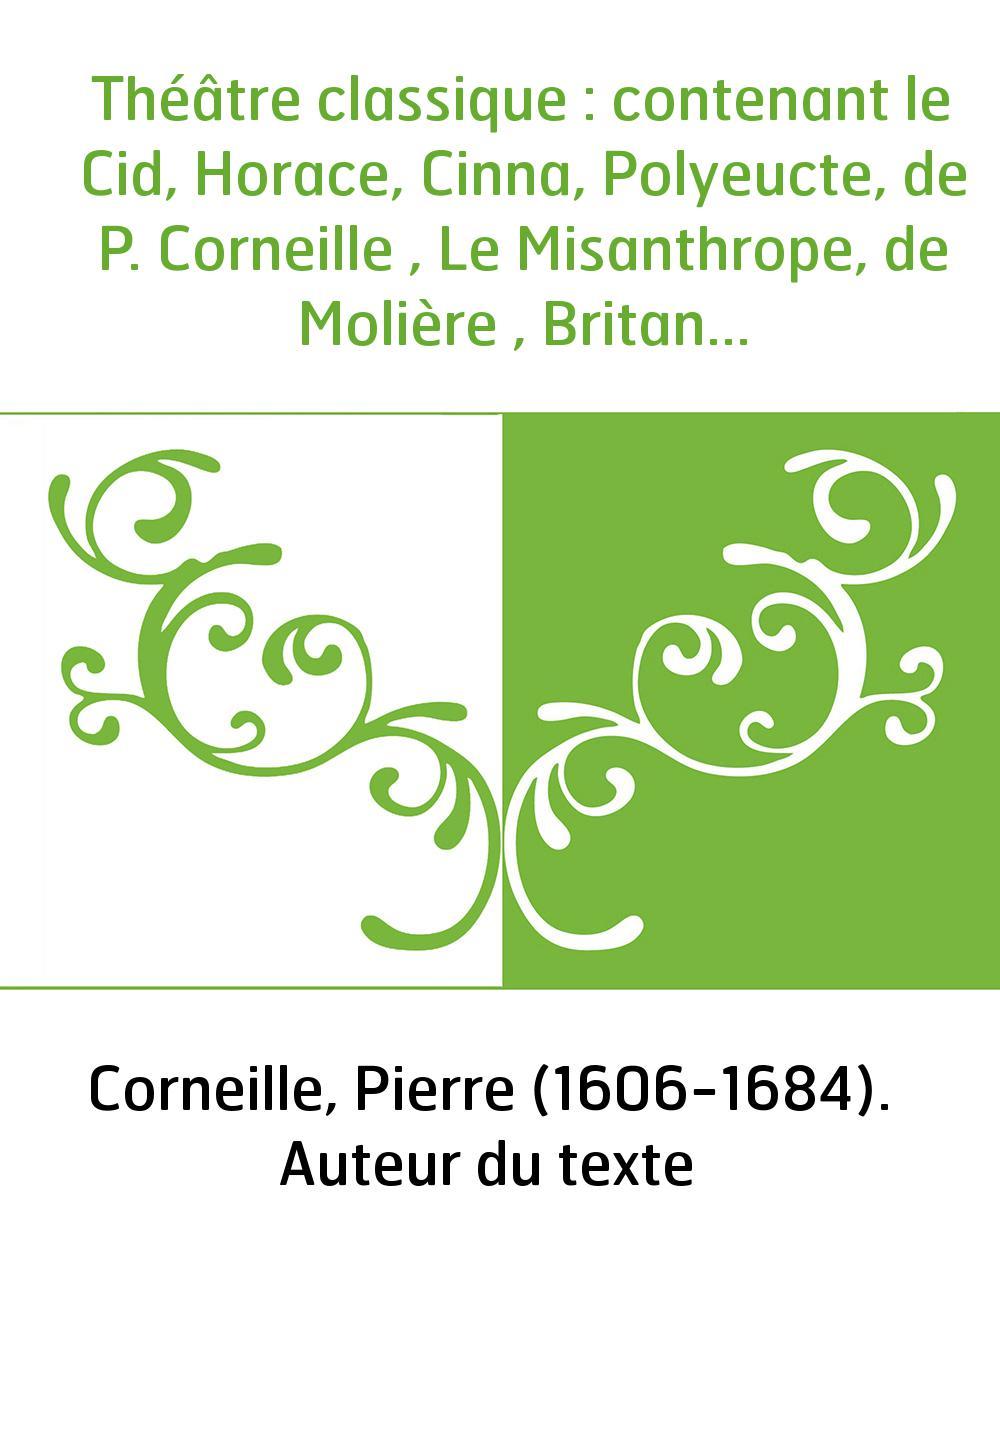 Théâtre classique : contenant le Cid, Horace, Cinna, Polyeucte, de P. Corneille , Le Misanthrope, de Molière , Britannicus, Esth